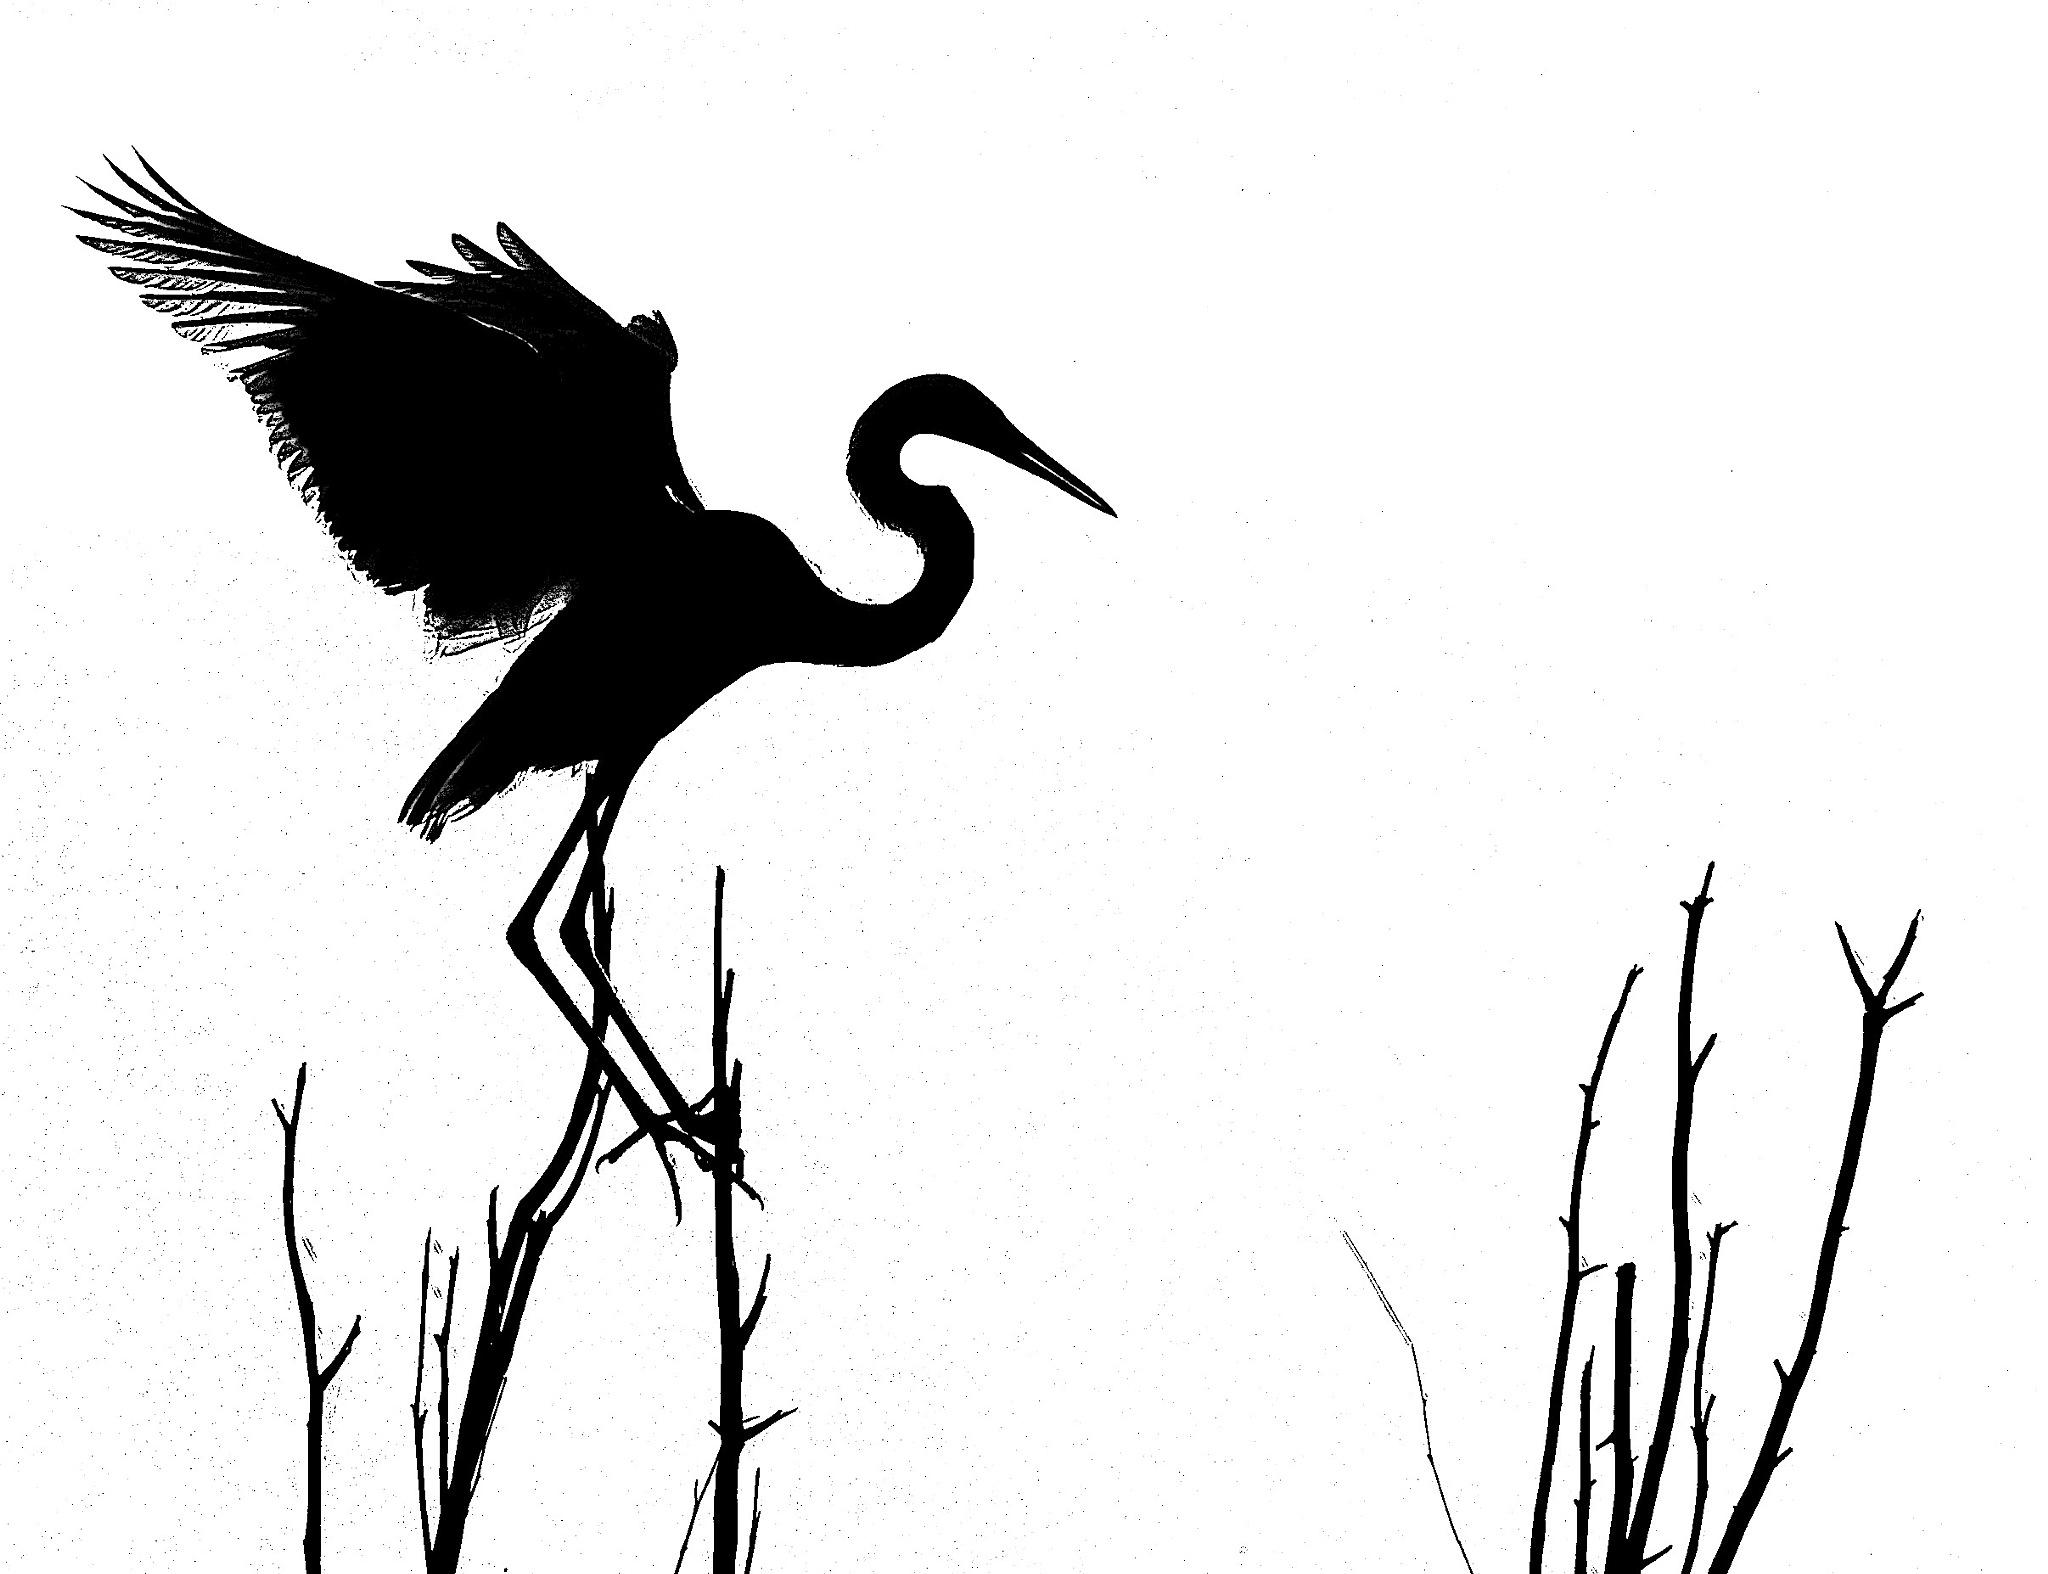 Heron. by kevinmfairley